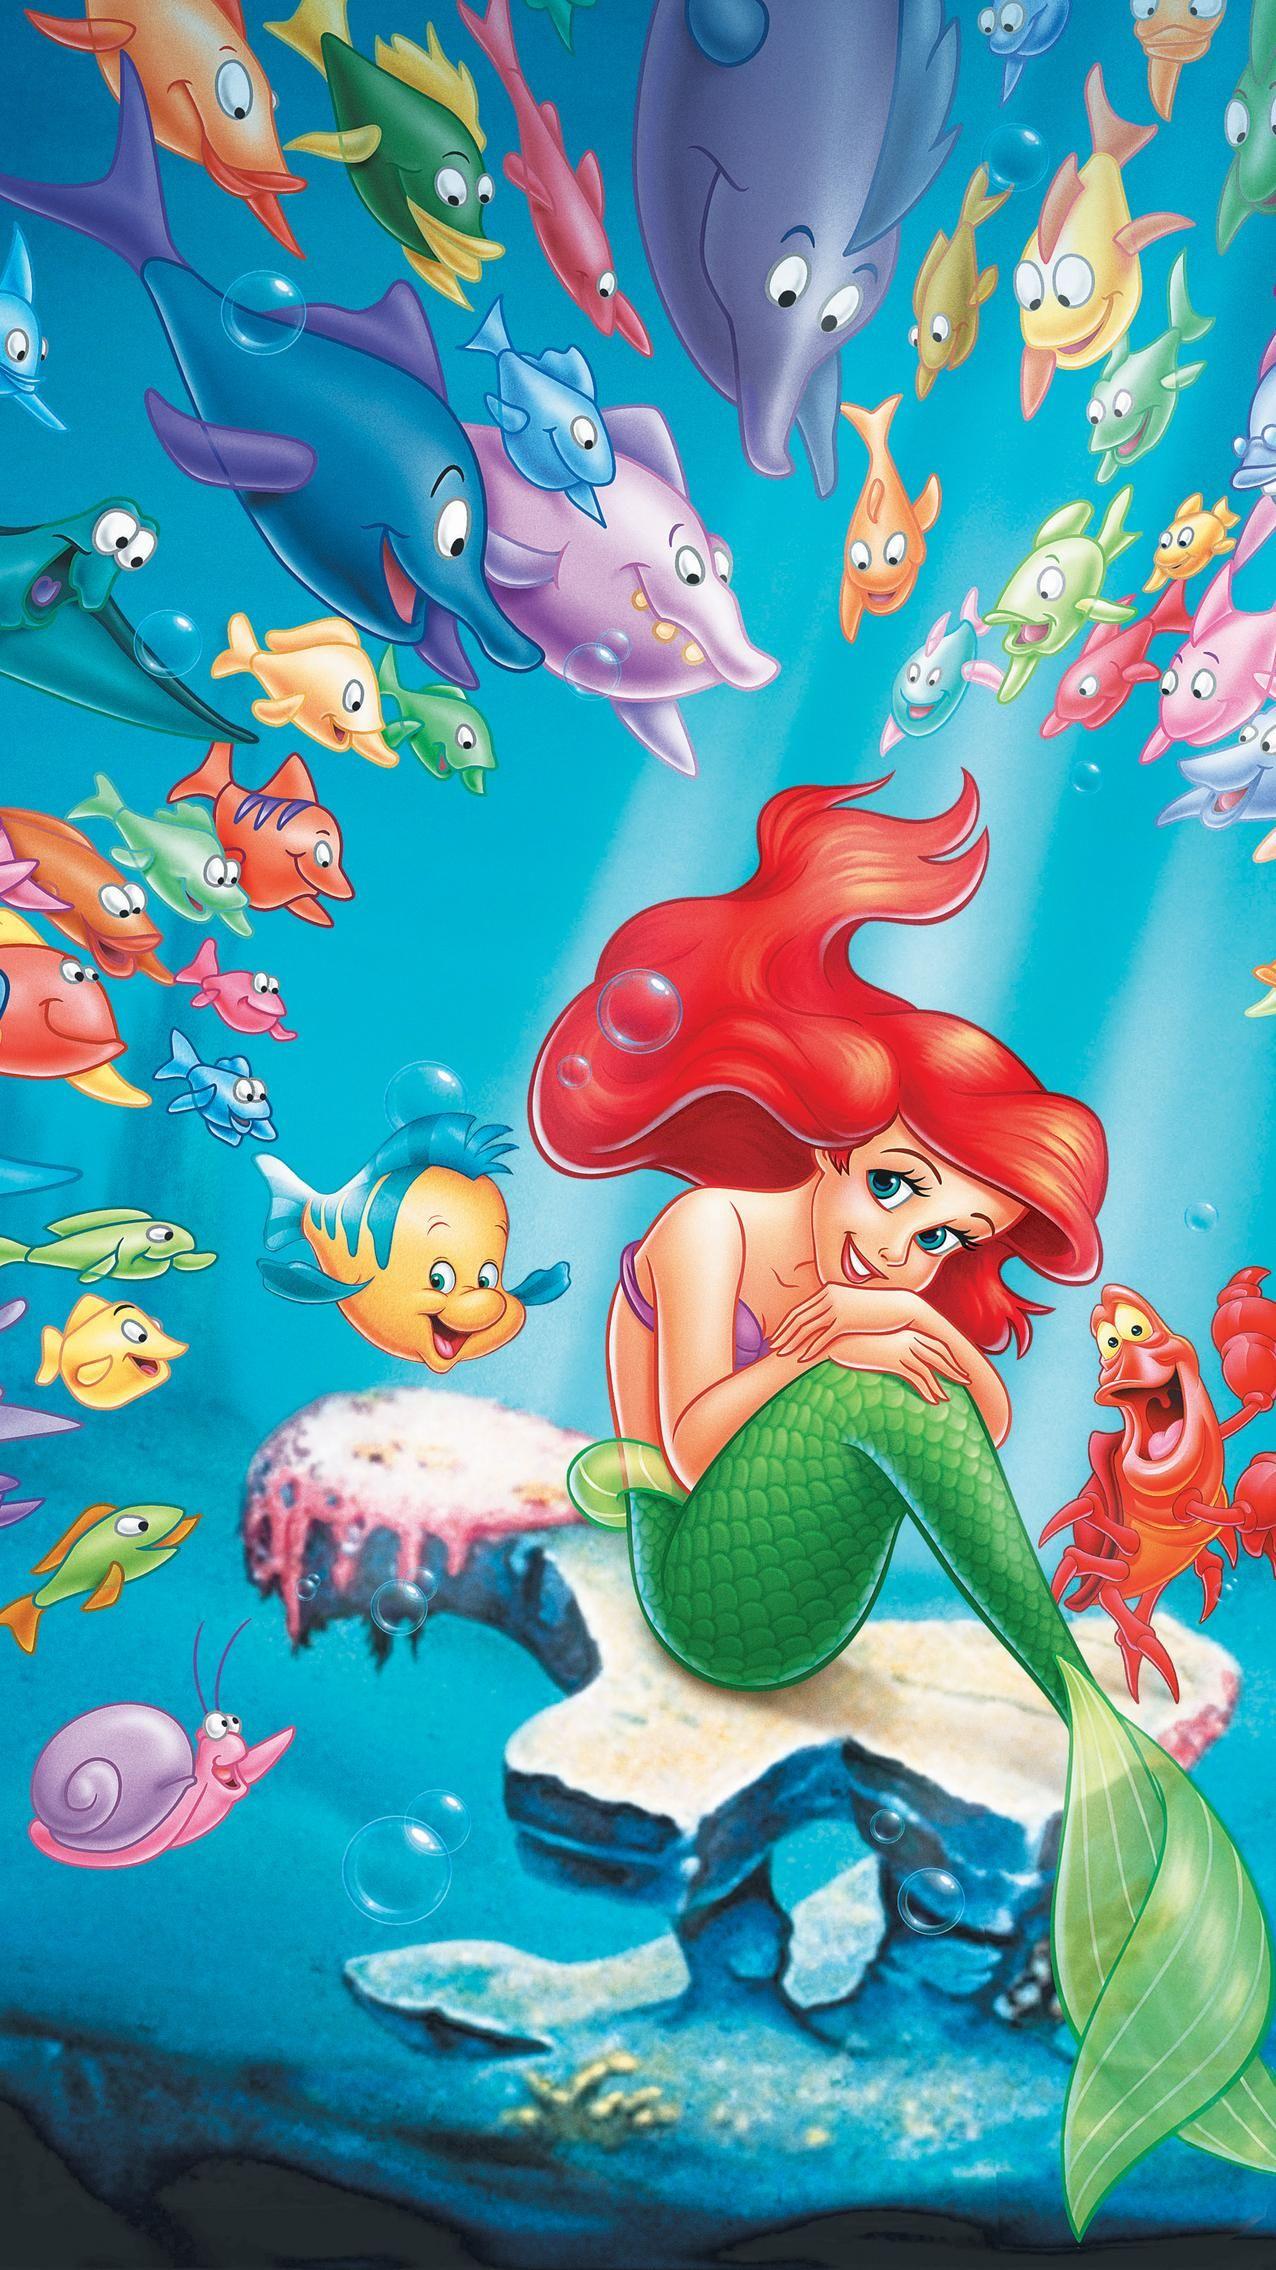 The Little Mermaid 1989 Phone Wallpaper Moviemania Arte De Princesa Disney Princesas Disney Imagenes De Sirenas